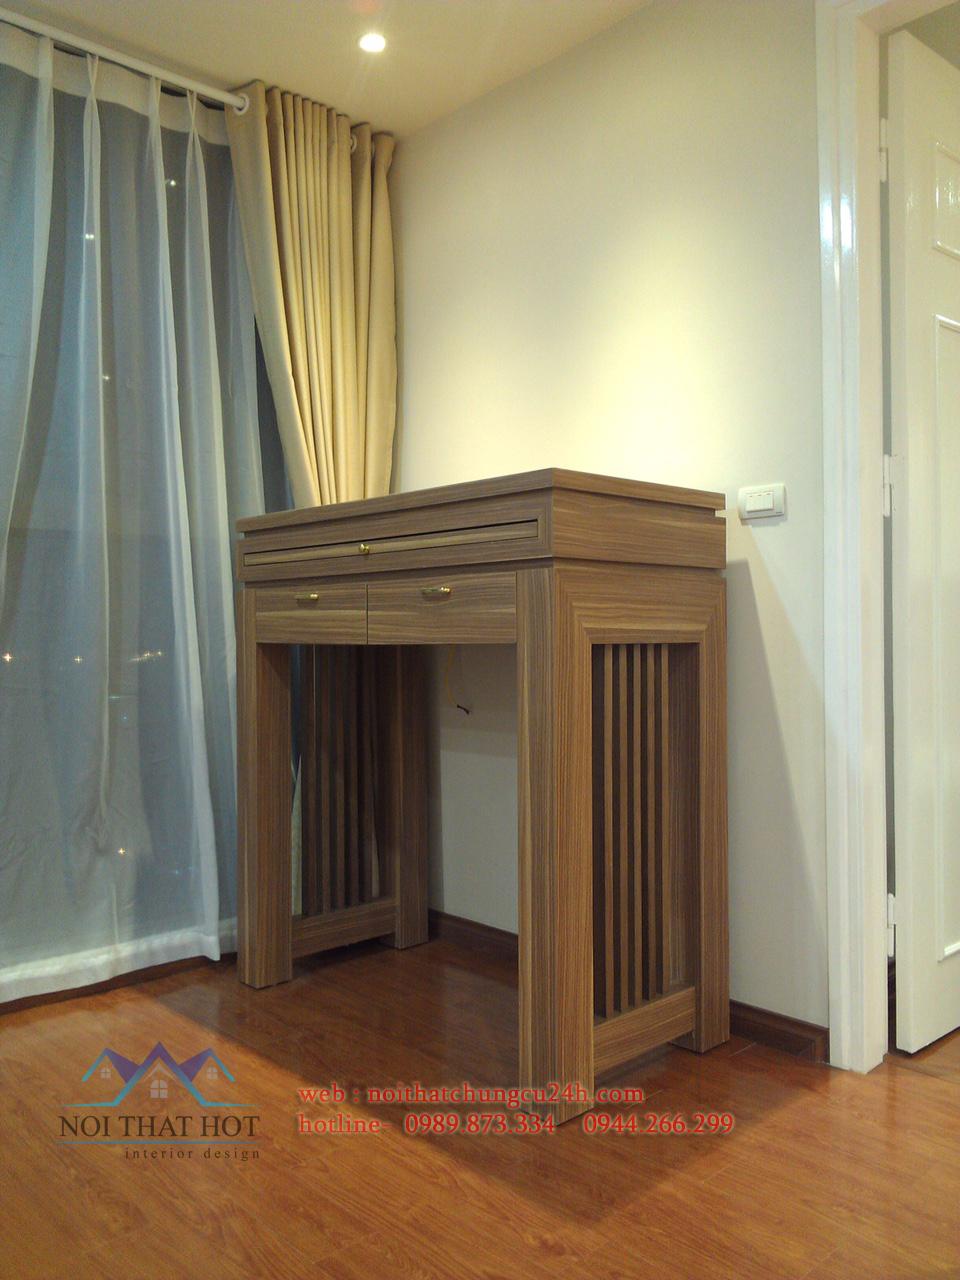 thiết kế nội thất chung cư tinh tế, sang trọng